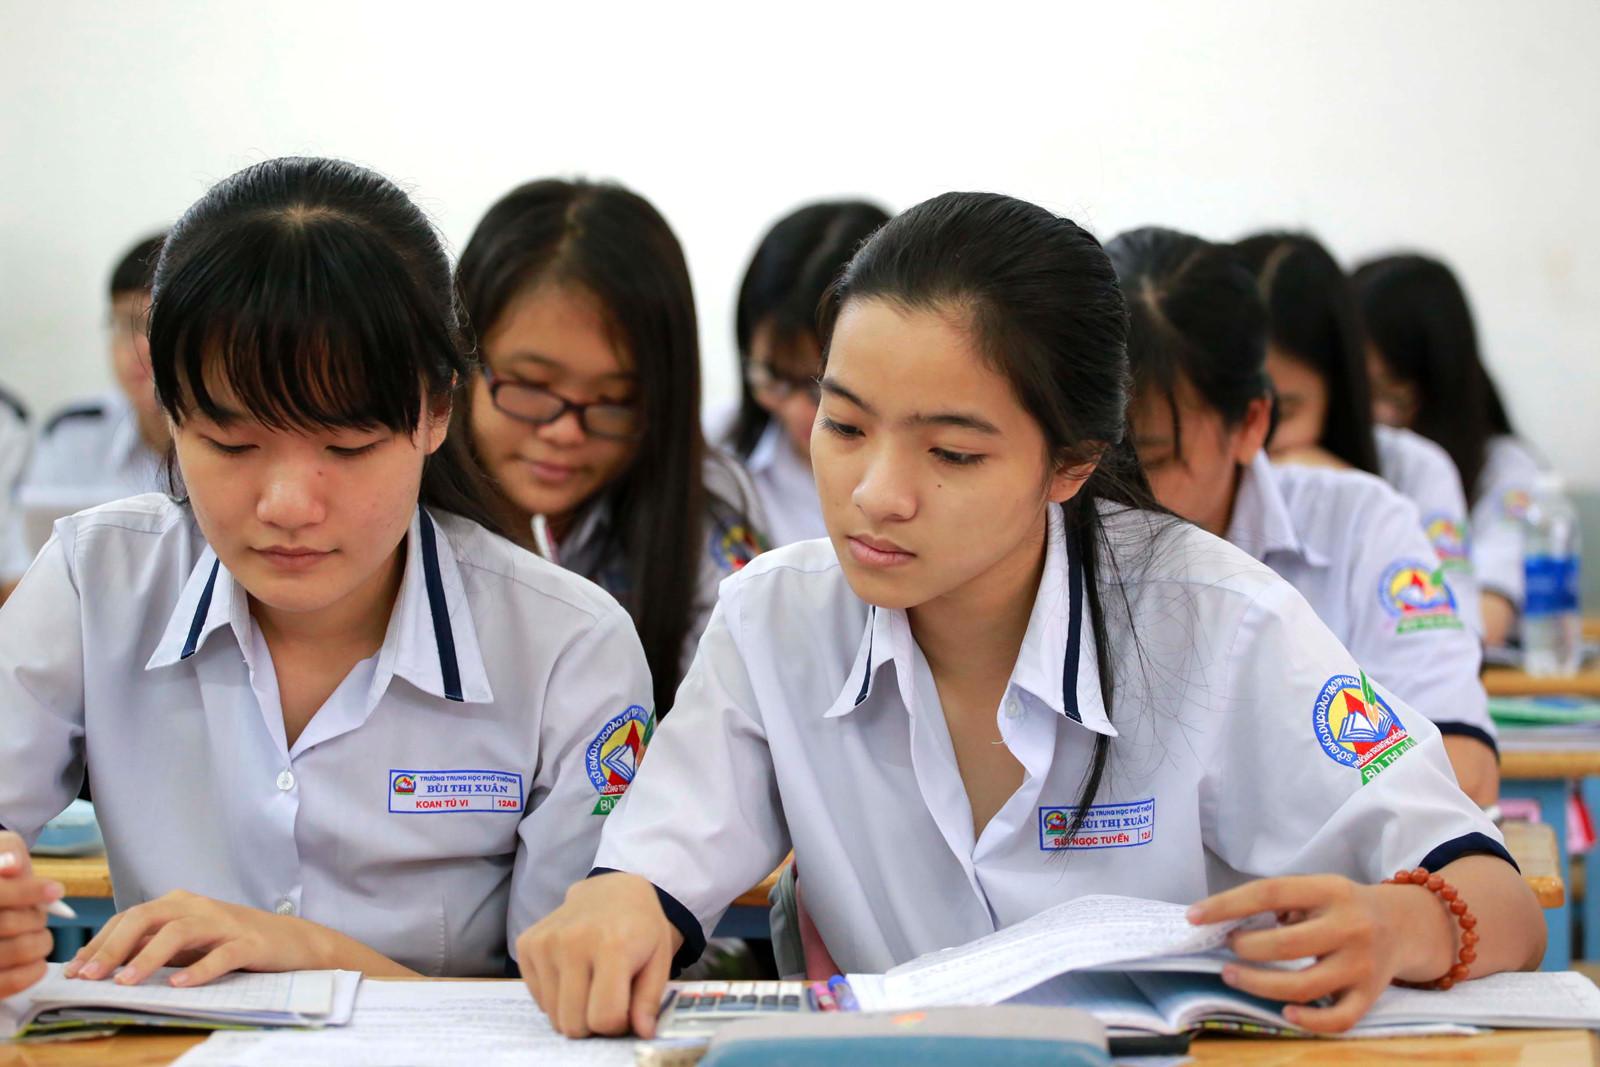 Học tập ở cấp 3 có sự khác biệt so với bậc Trung học Cơ sở.